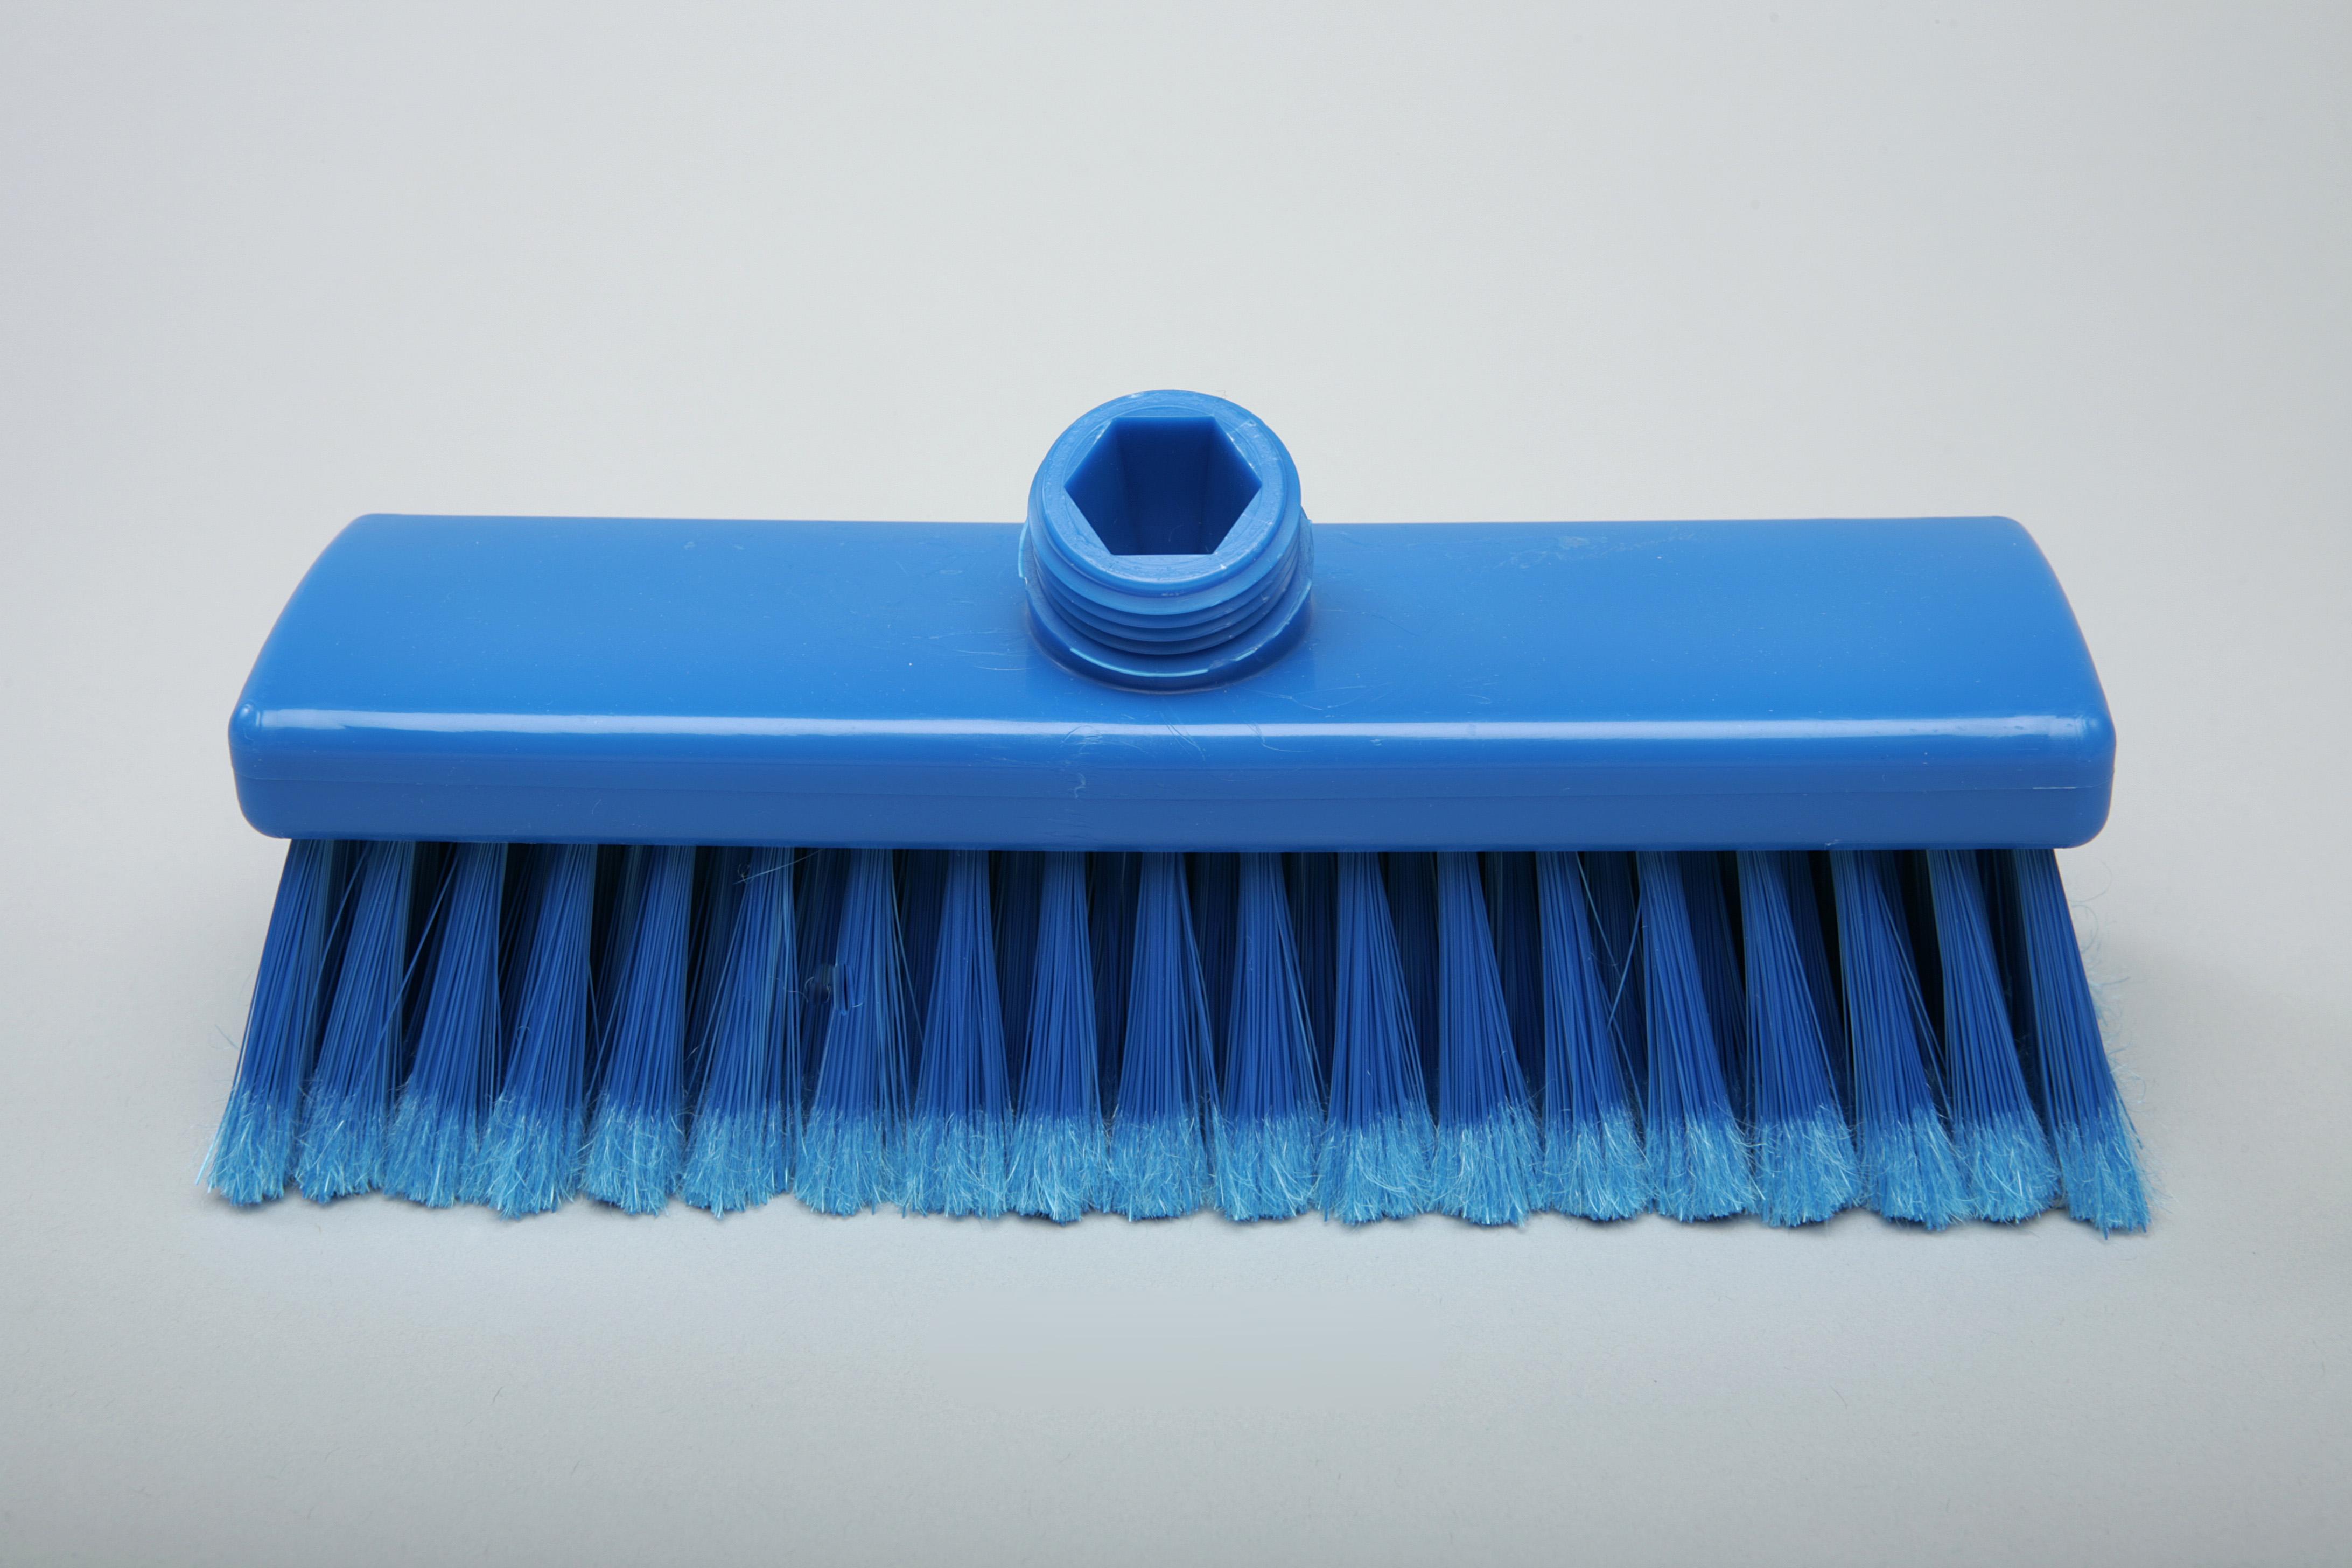 Unimop pühkimishari 225 x 60 x 45 mm, pehme, sinine, kastis 6 tk